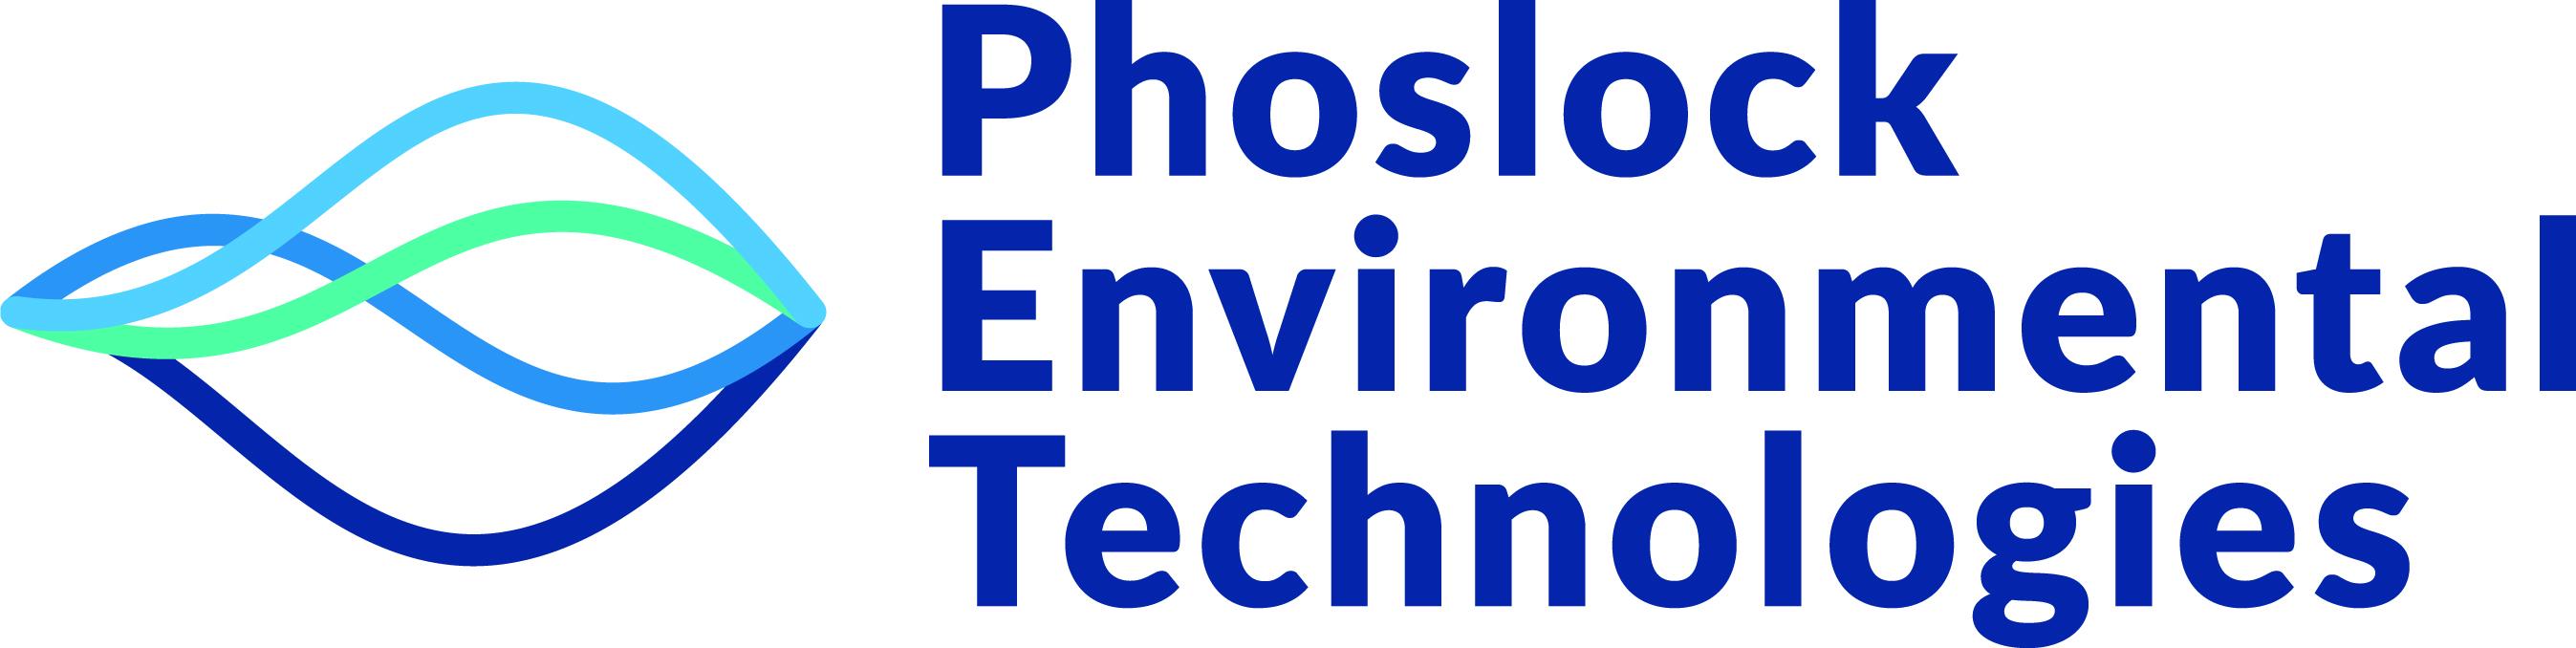 Phoslock PET logo CMYK